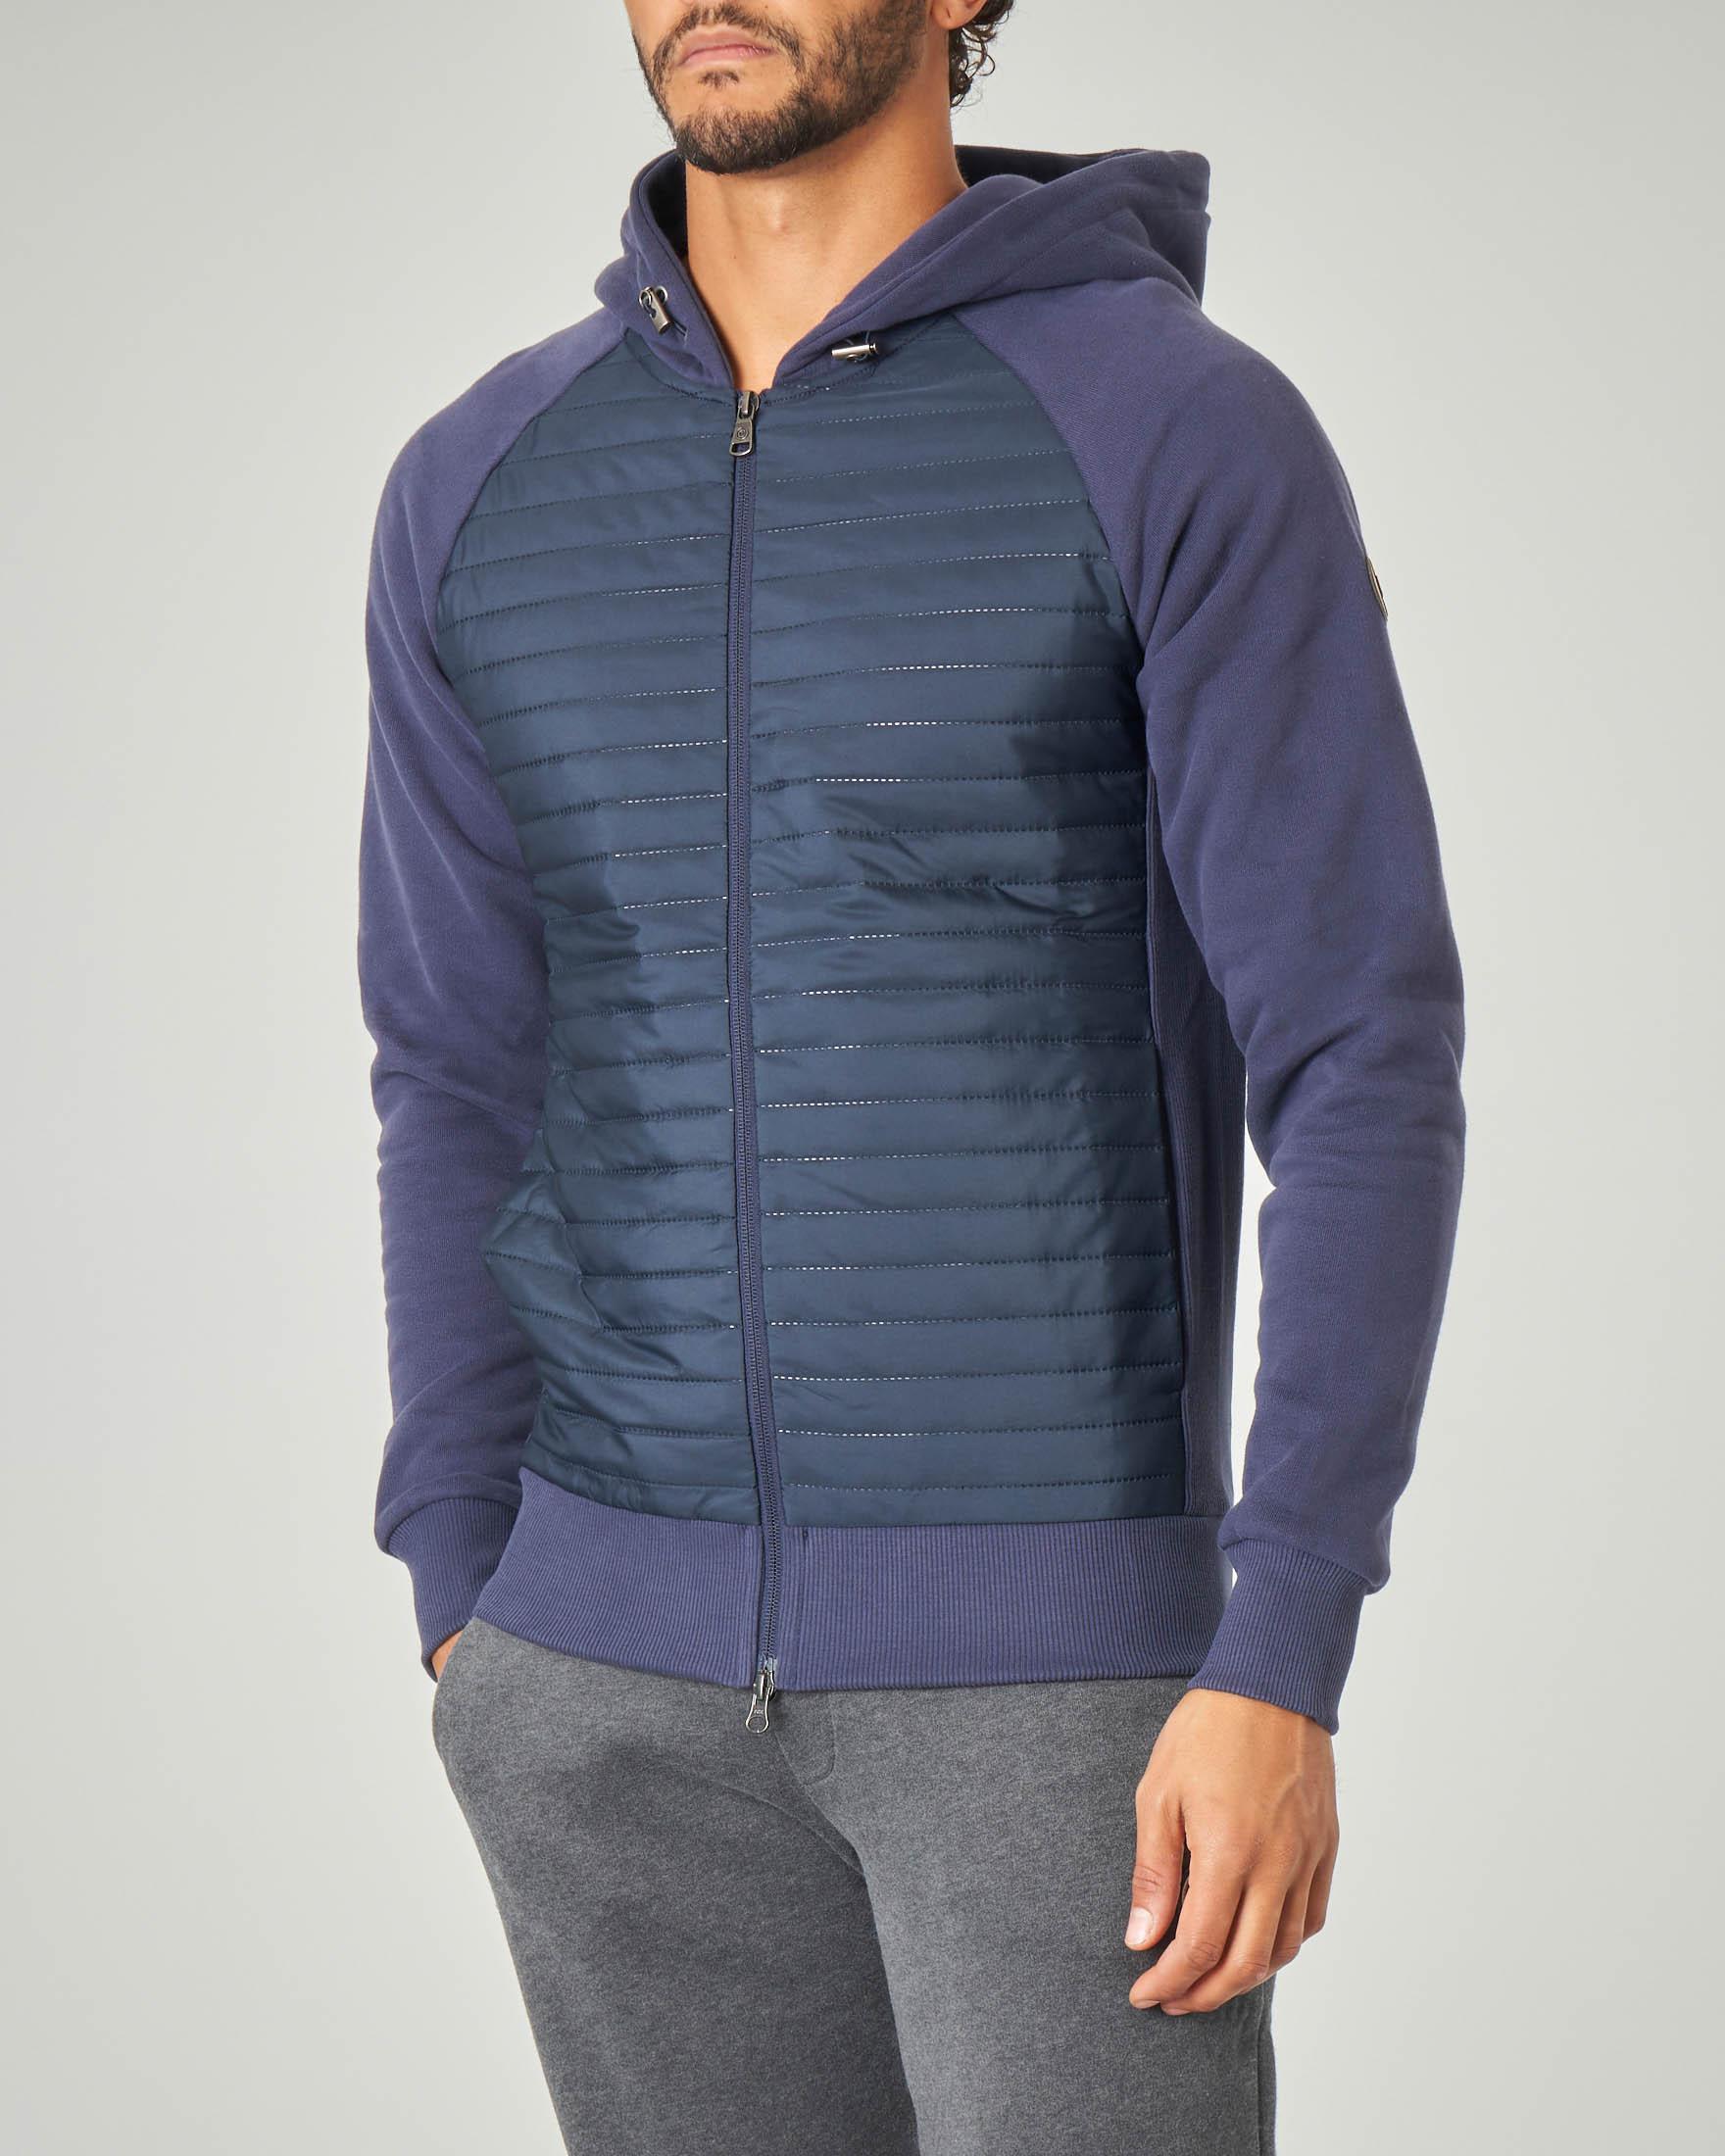 Felpa blu bi-tessuto con chiusura zip a doppio cursore e cappuccio